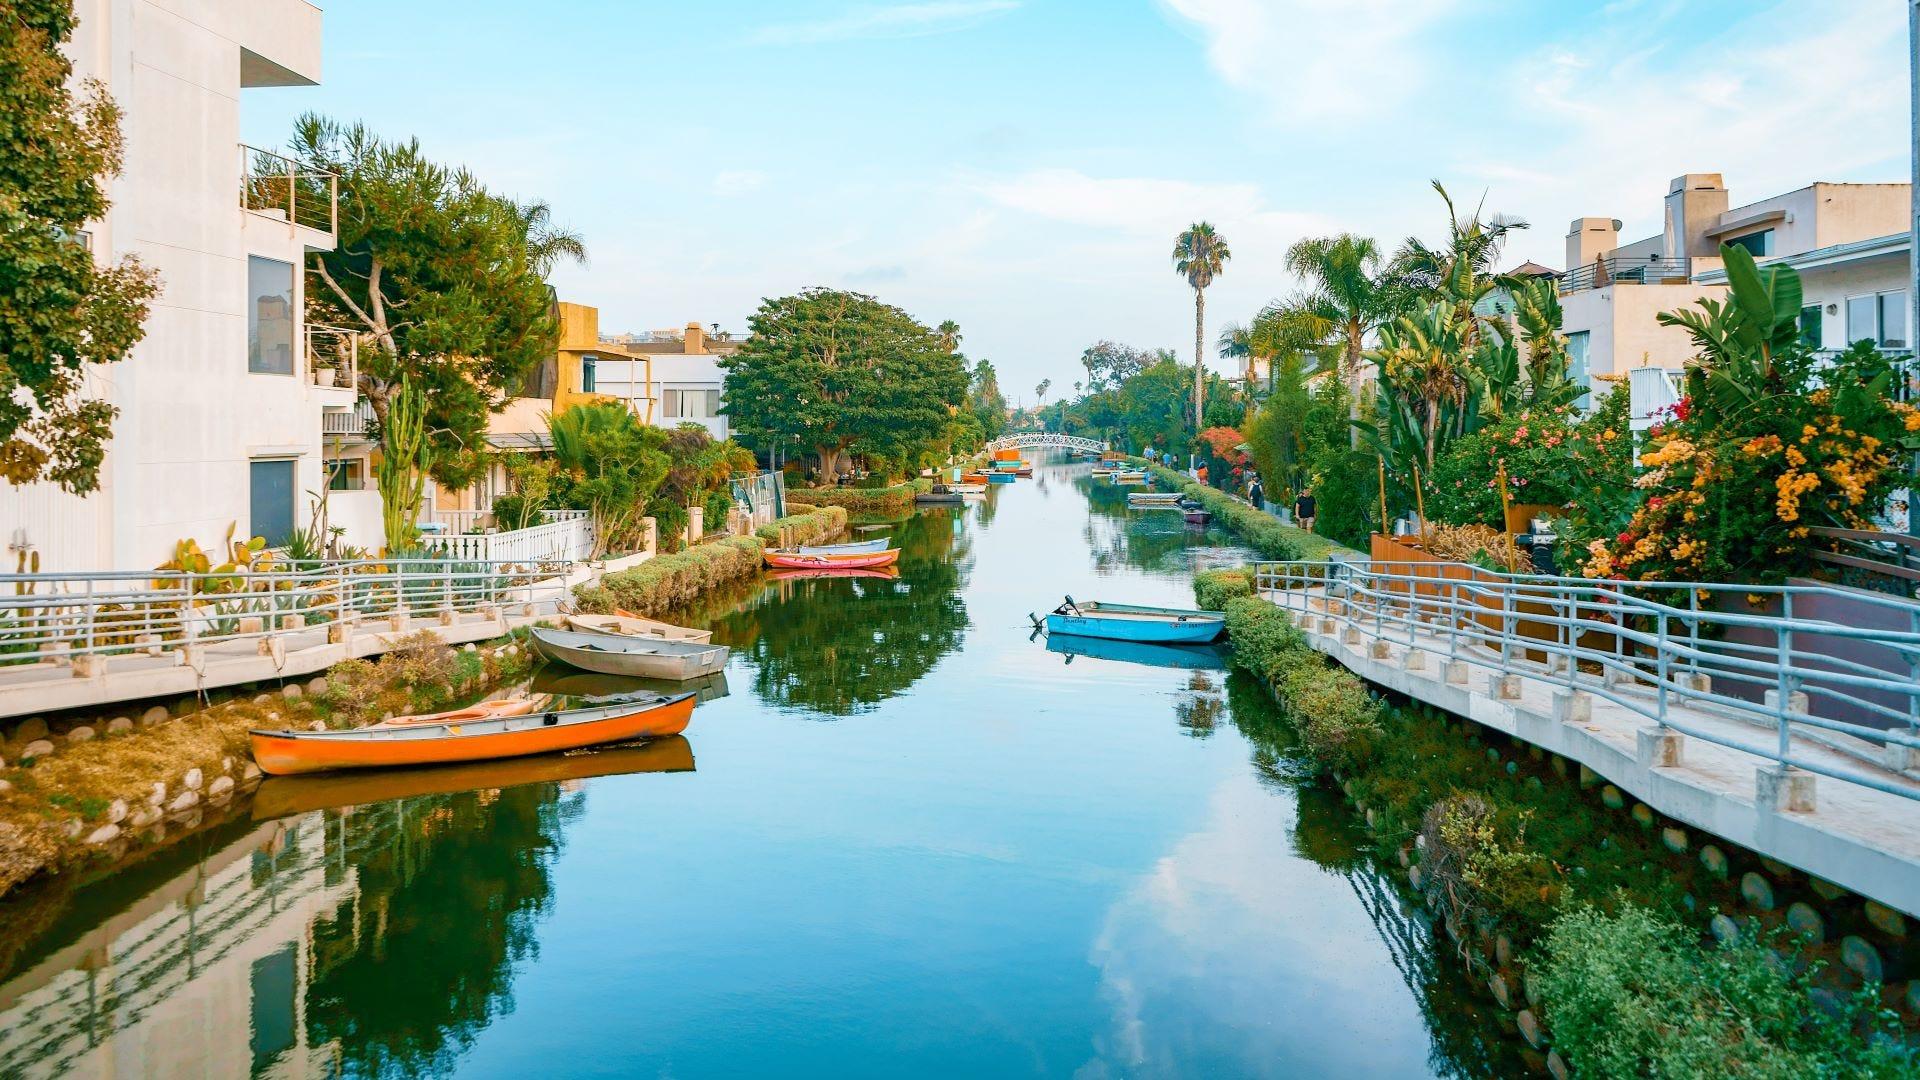 A canal in Venice, California.